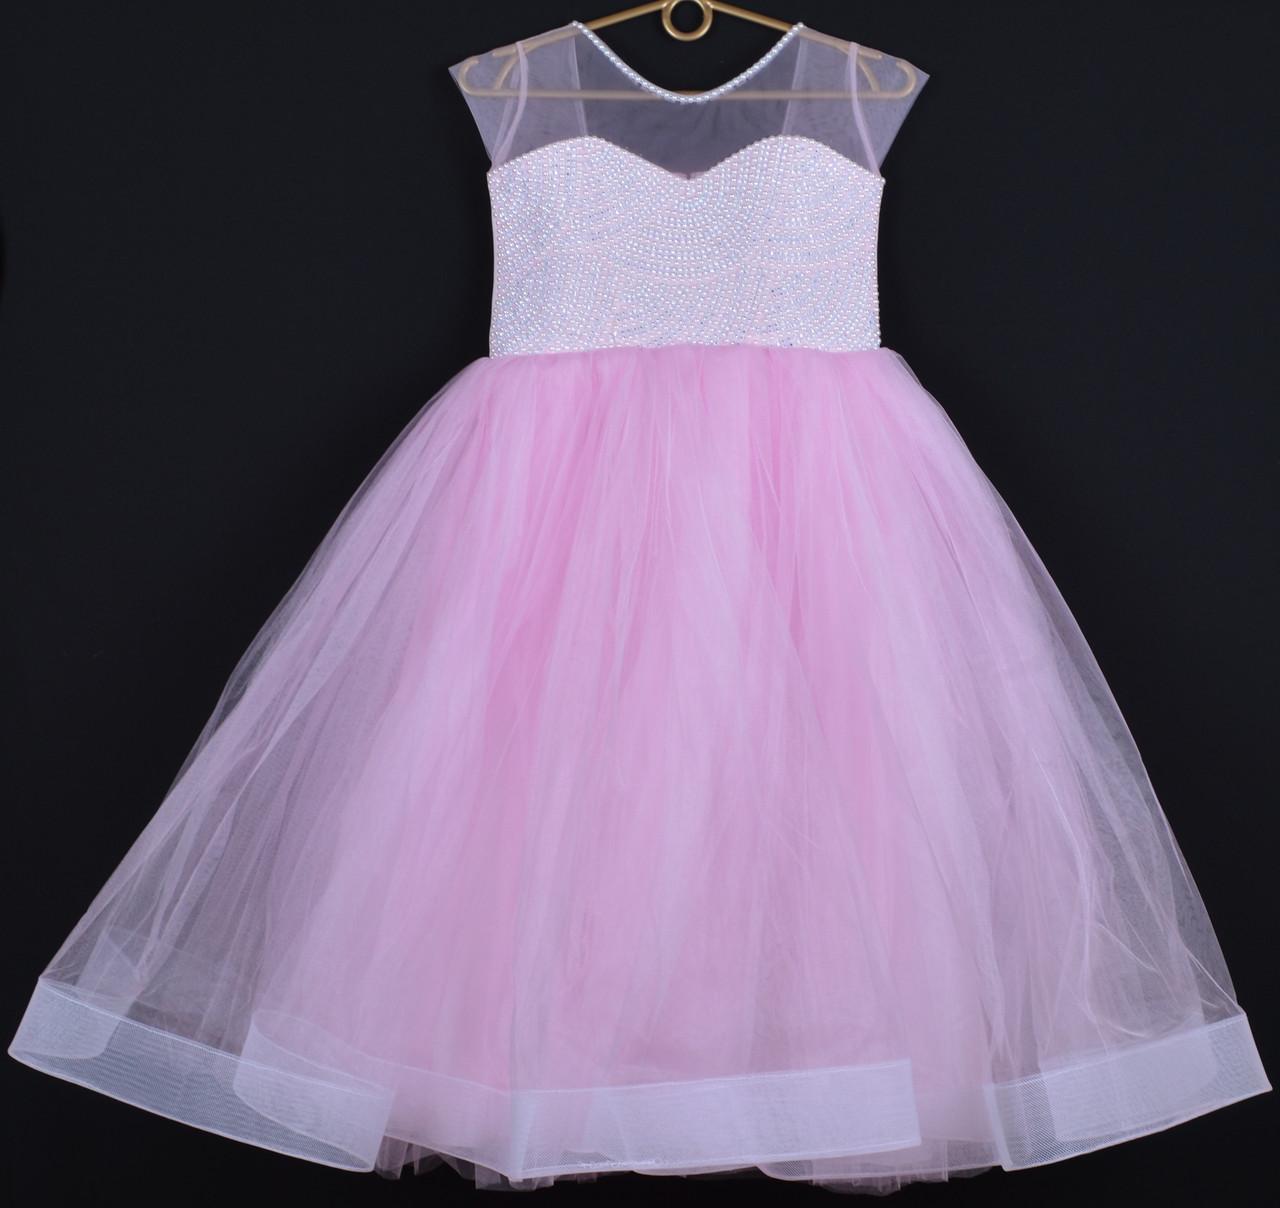 """Платье нарядное детское """"Лоретта"""" 7-8 лет. Розовое. Оптом и в розницу"""